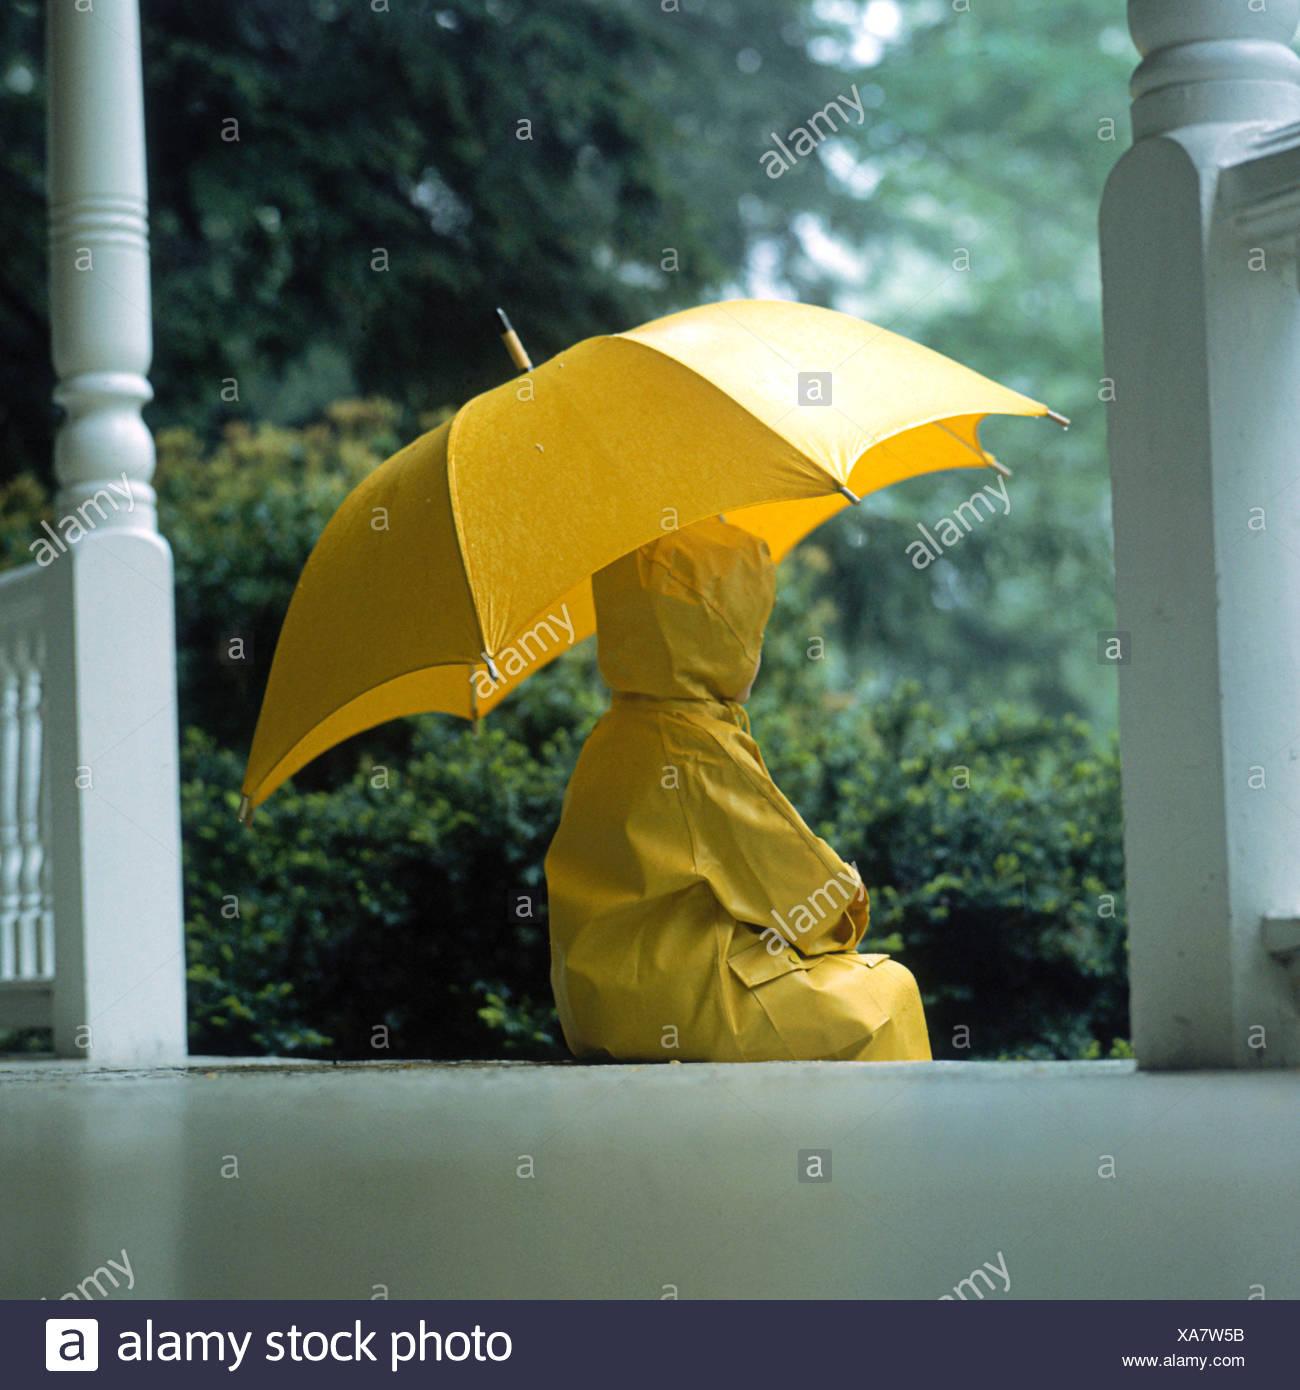 Un jeune enfant portant un manteau de pluie jaune et des bottes de pluie debout dans la pluie, tenant un parapluie jaune Photo Stock